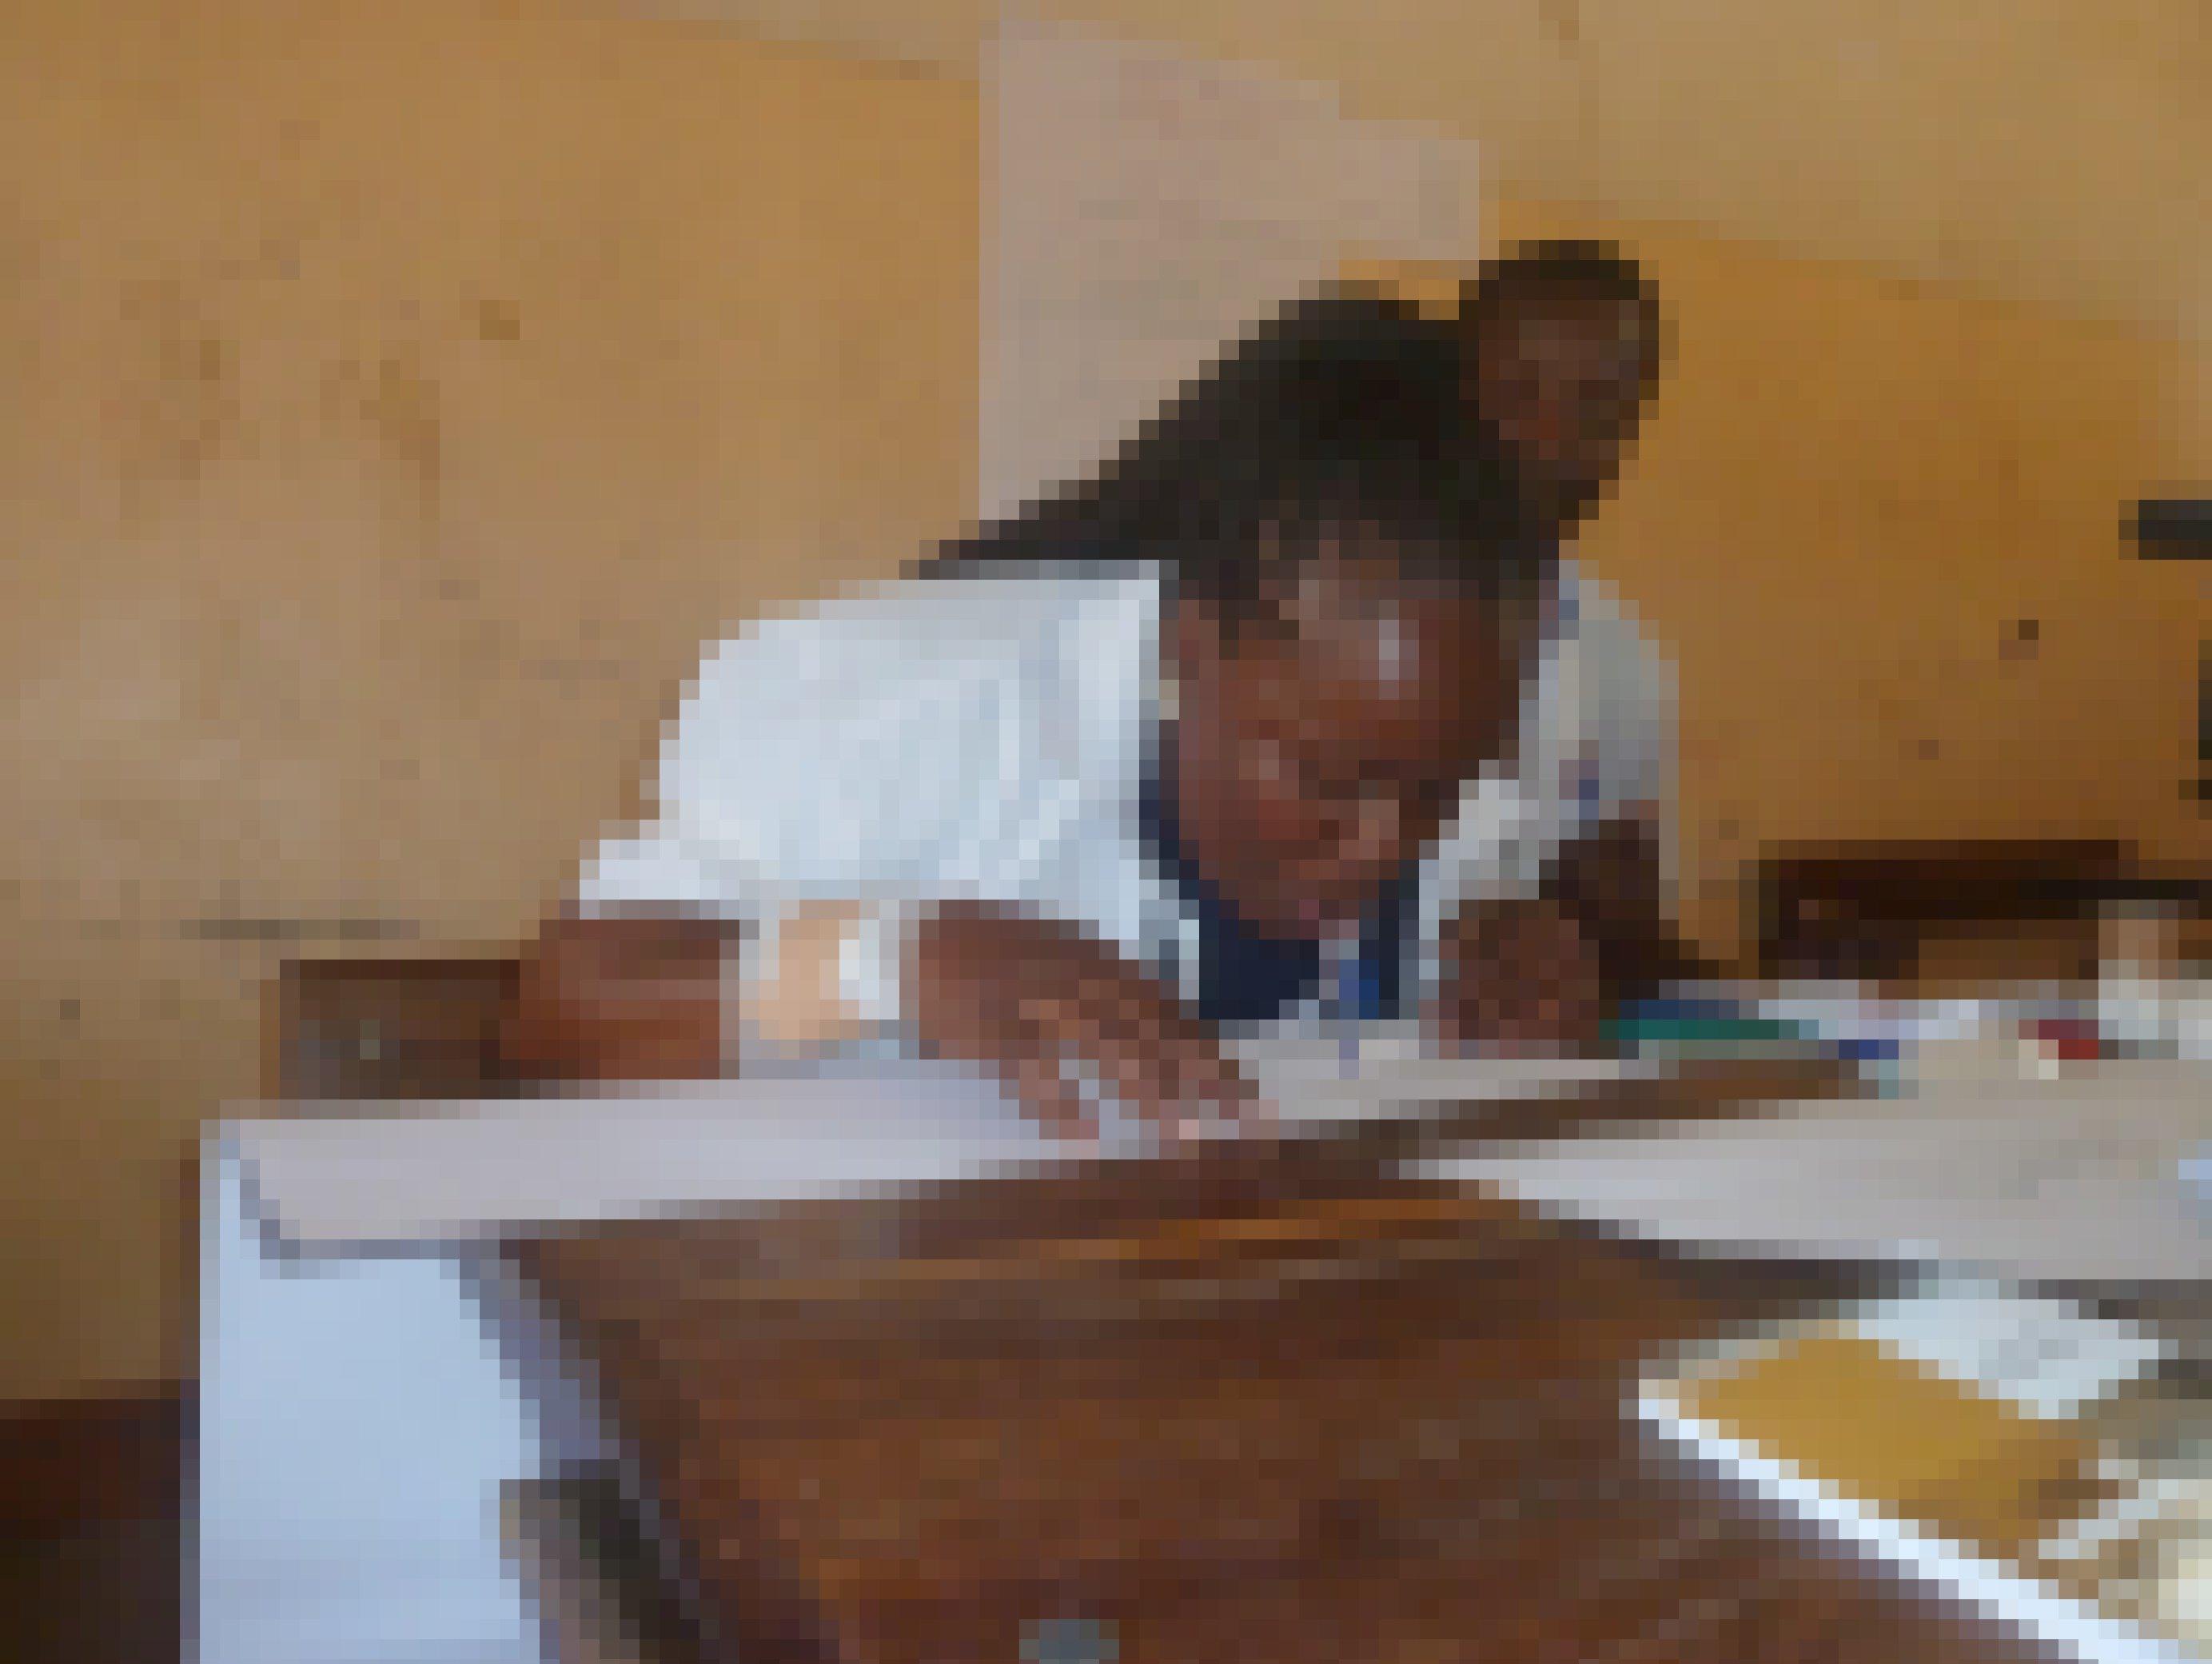 Die Lehrerin hat ihre Arme hochgebunden und einen Stift im Mund. Sie soll schreiben, ohne ihre Hände zu benutzen, um sich in die Lage von Schülern mit Behinderungen zu versetzen